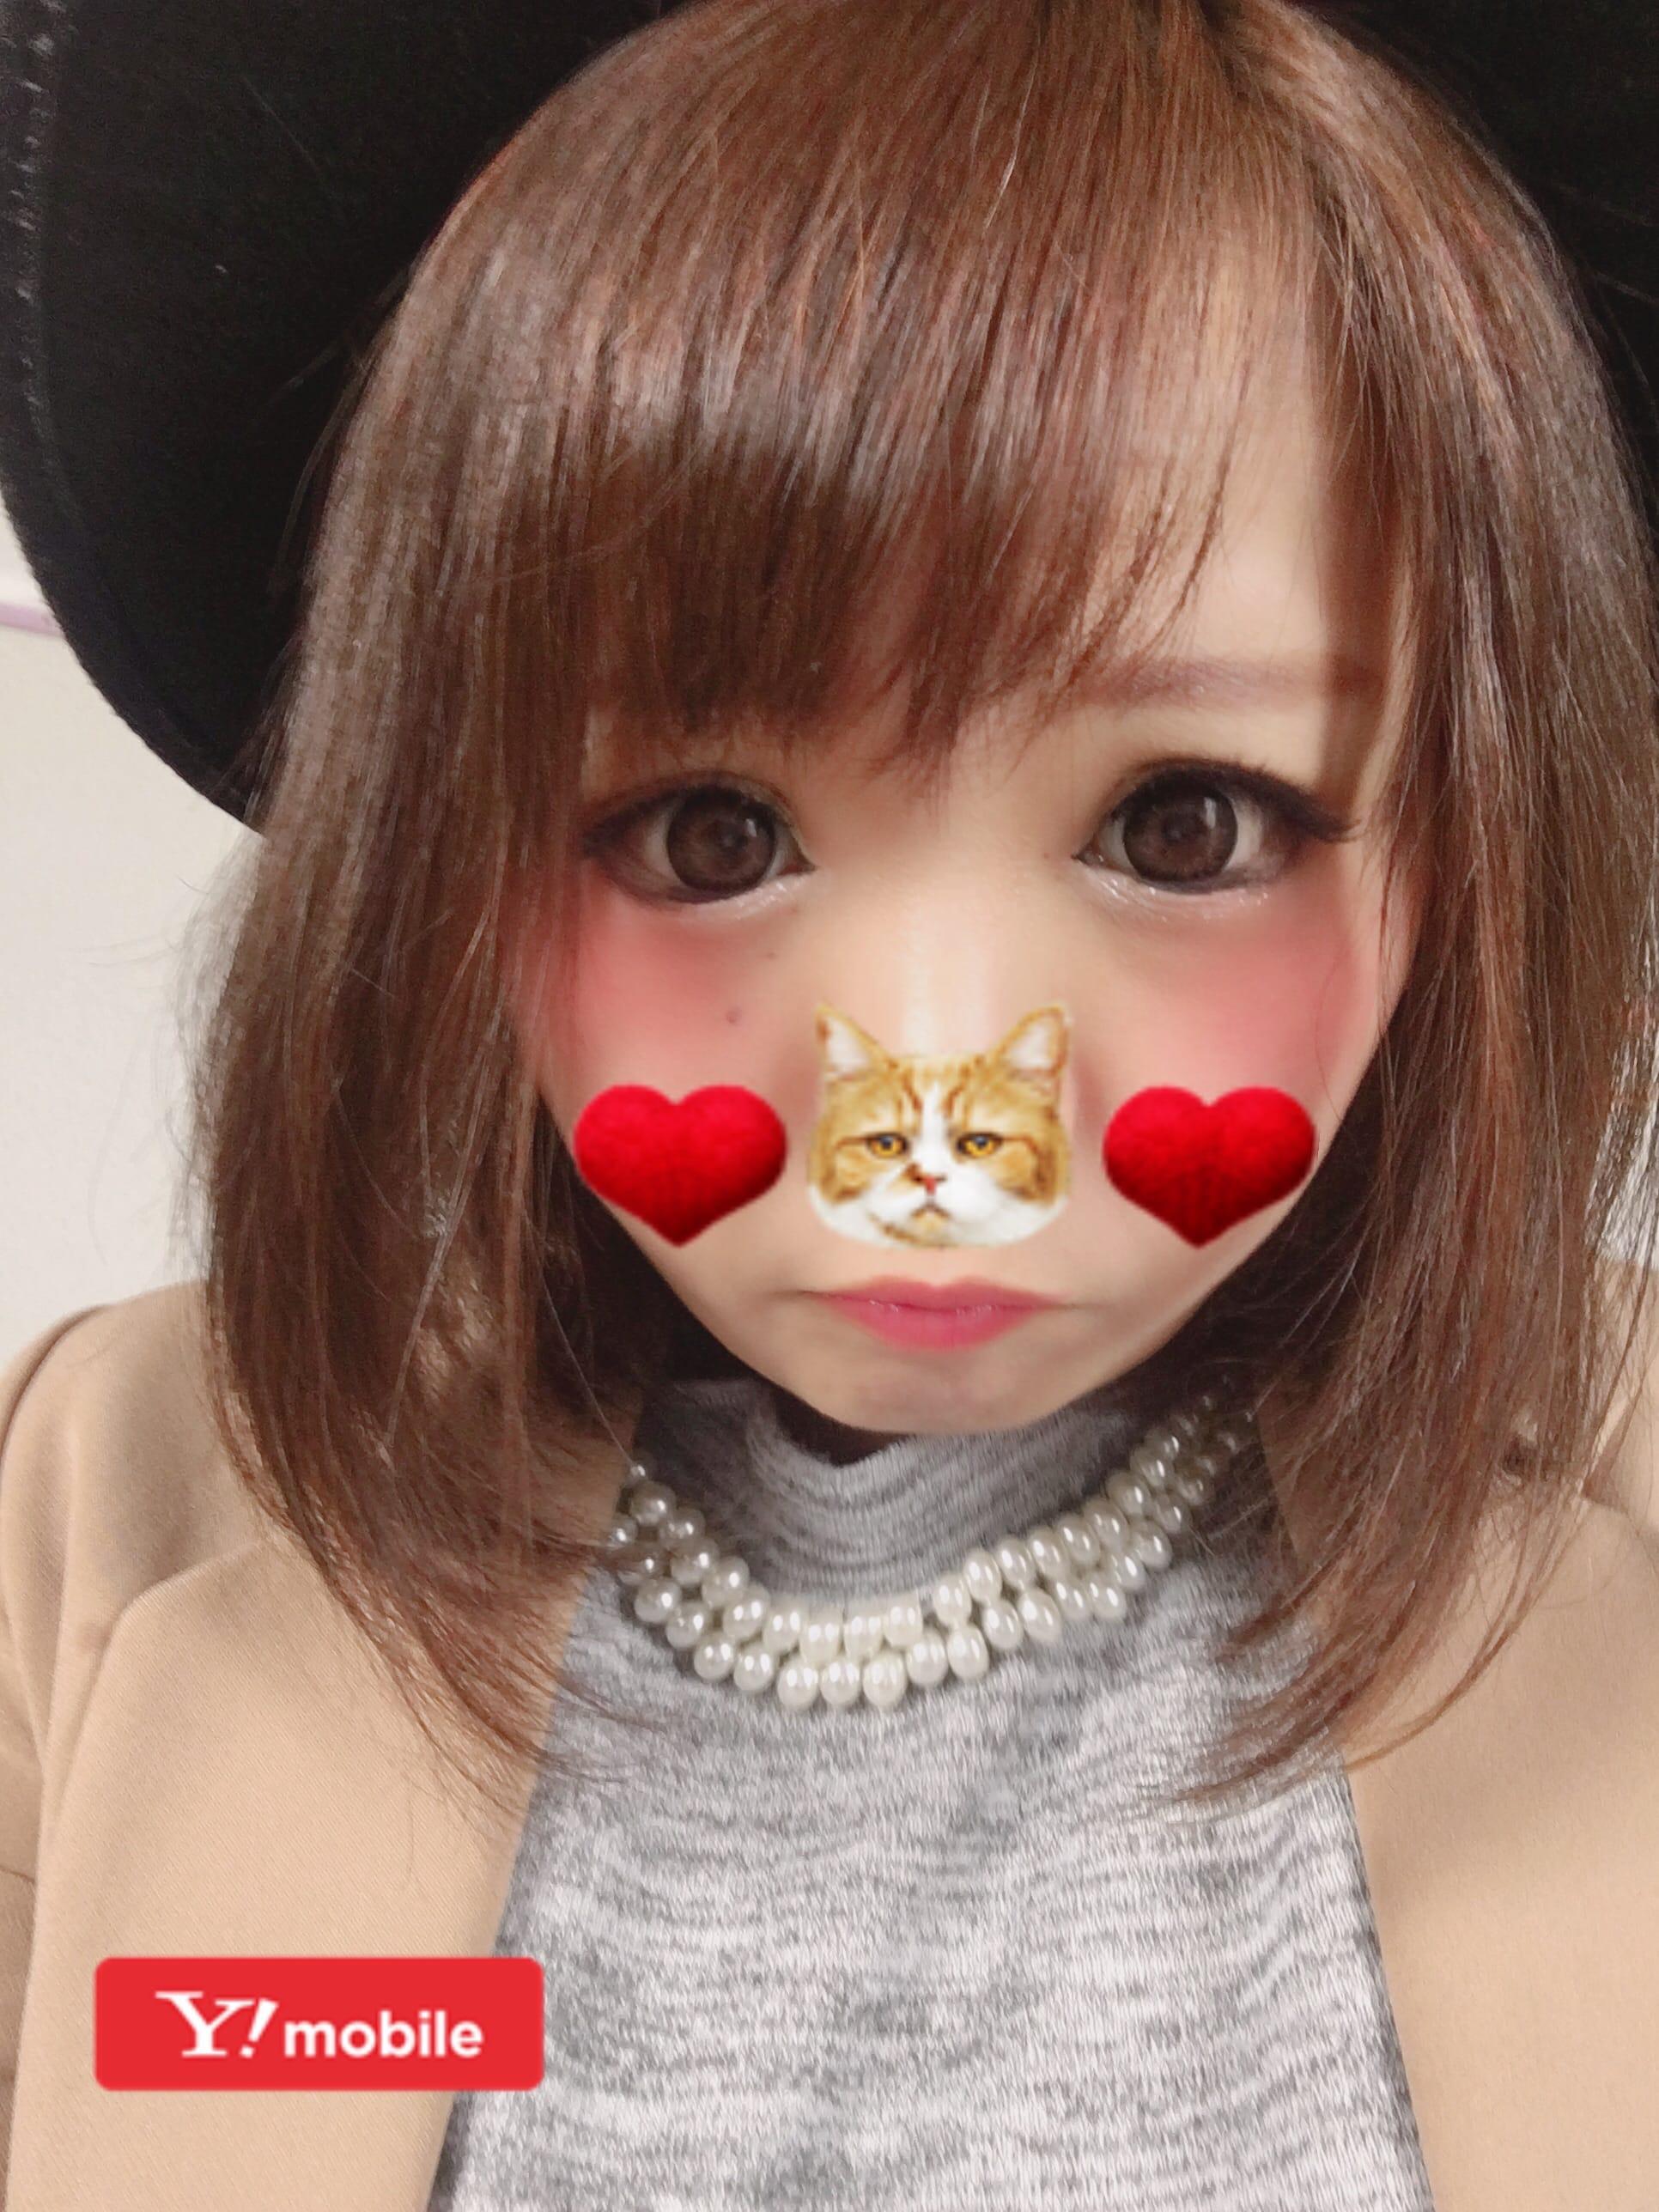 「皆さまこんばんはー✩」03/24(03/24) 22:55 | あきの写メ・風俗動画